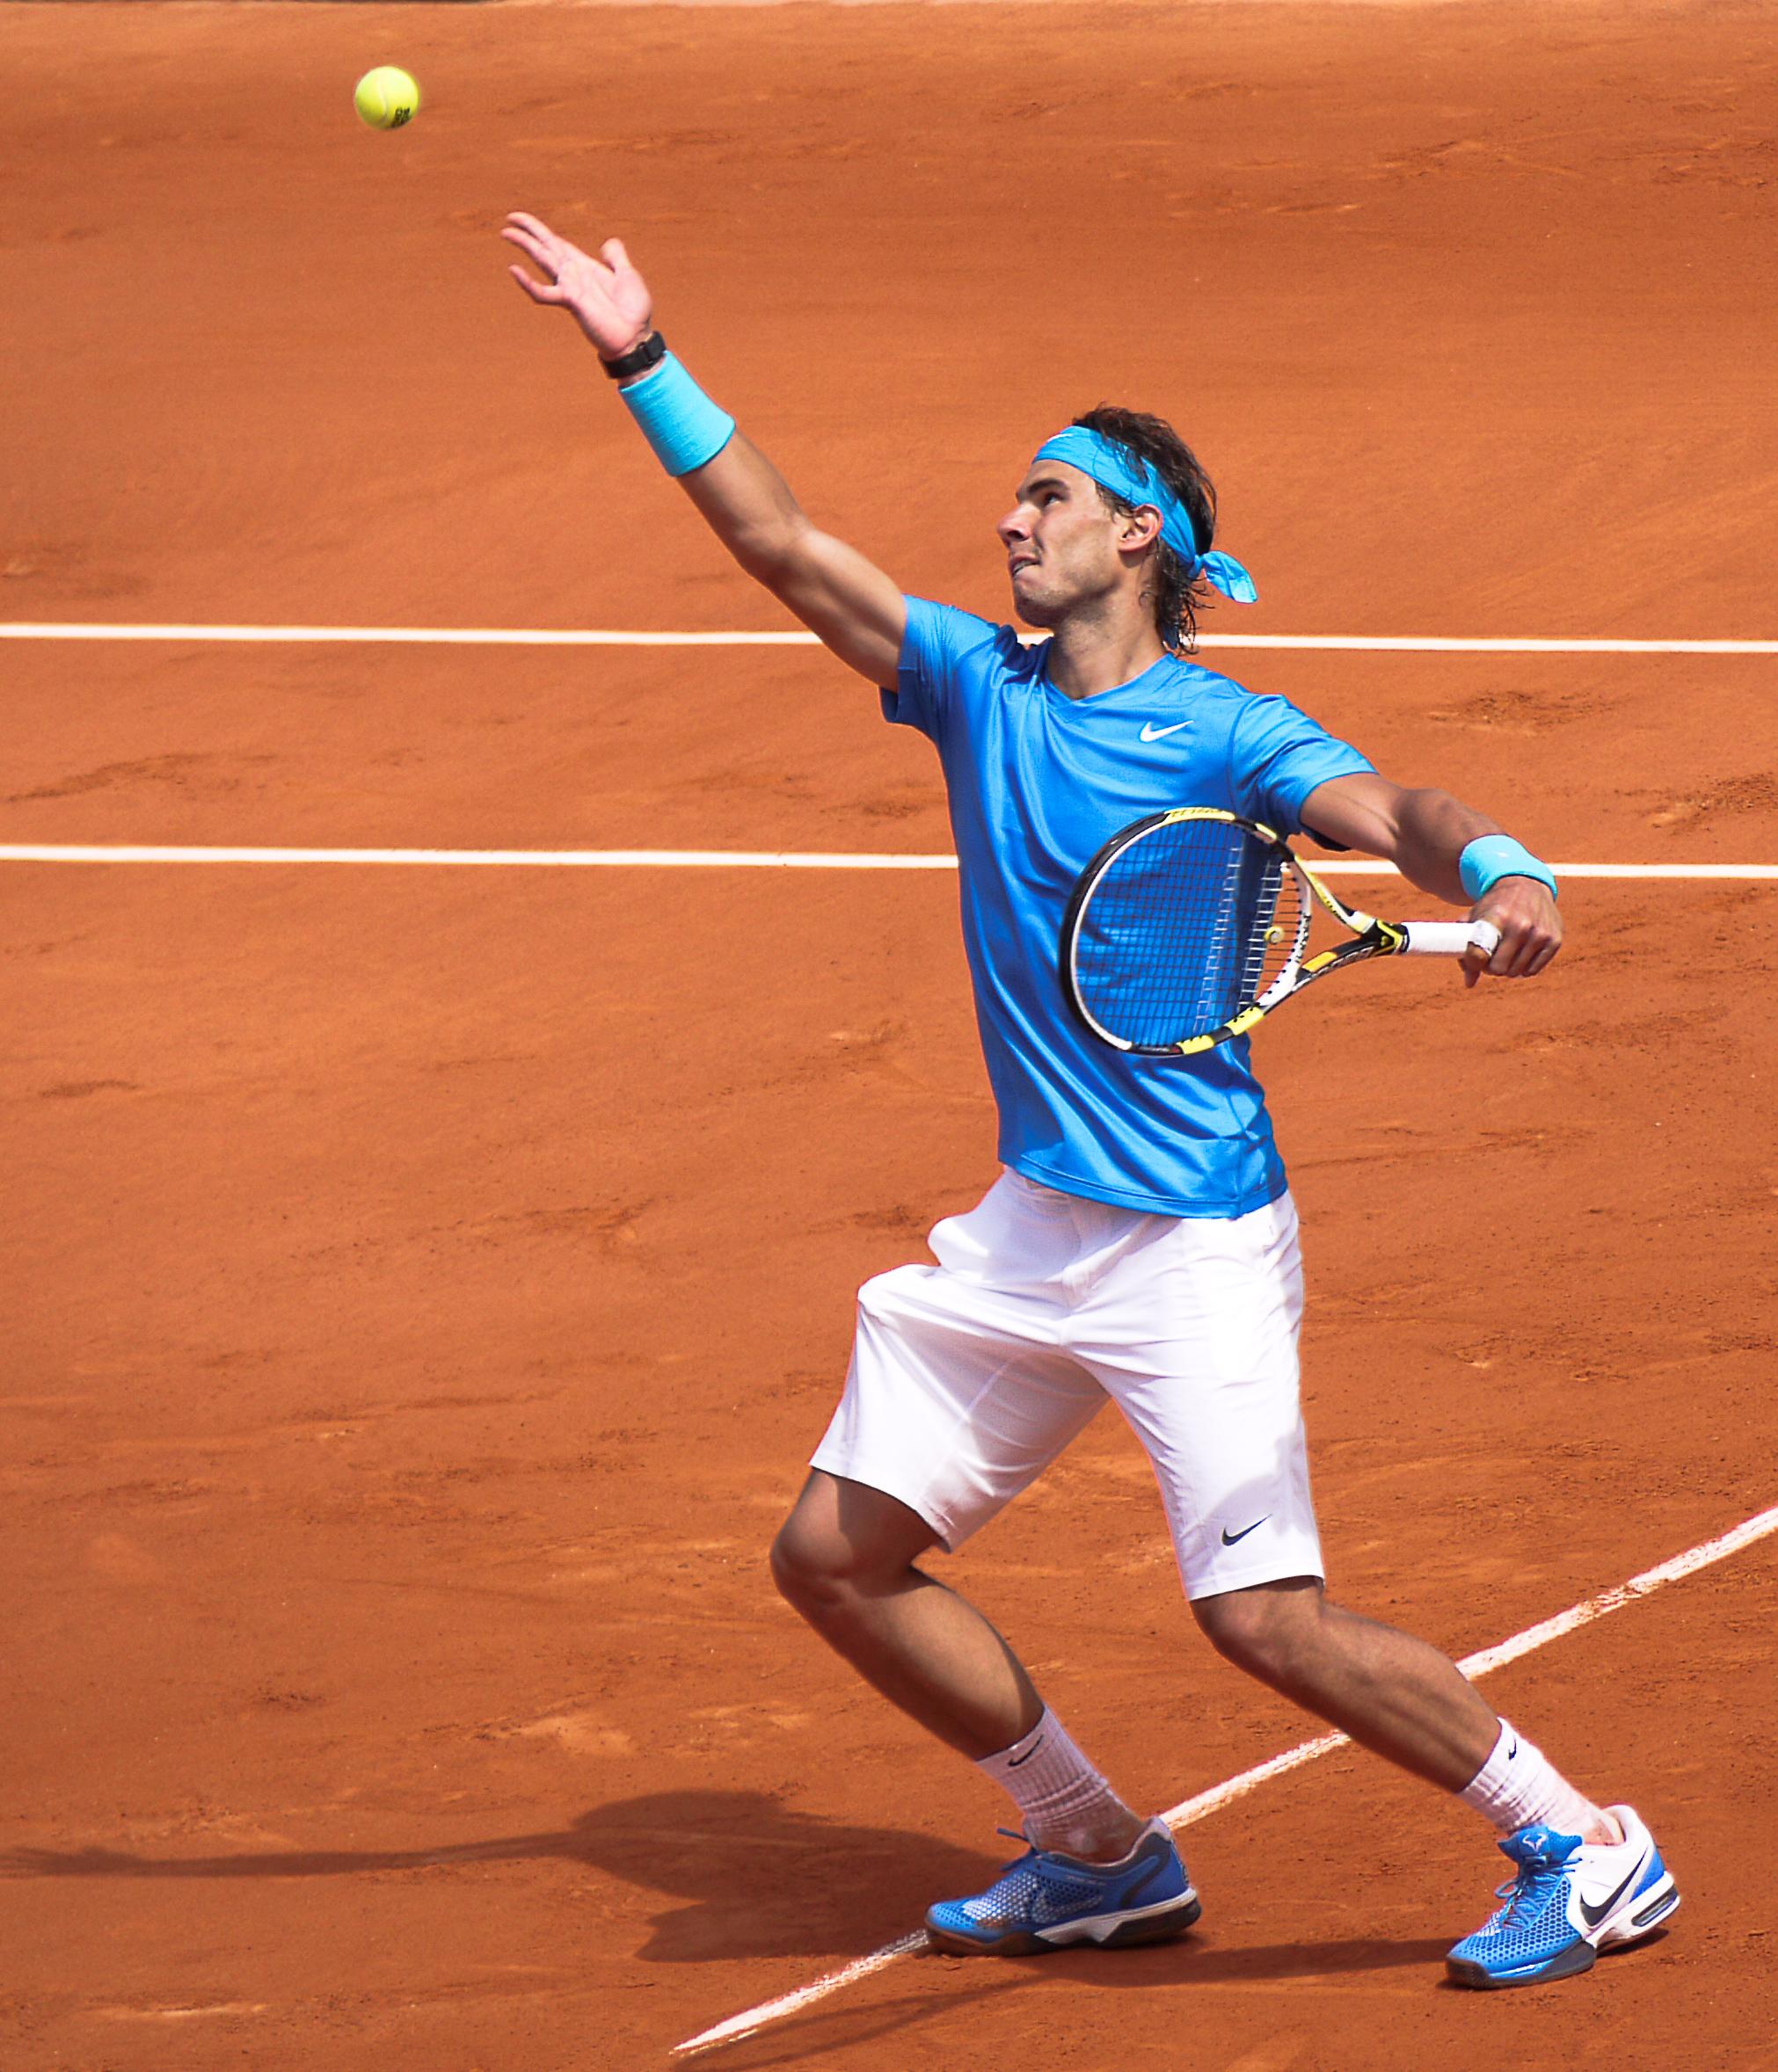 Rafaelis Nadalis bandys laimėti 10 Roland Garros teniso turnyrą